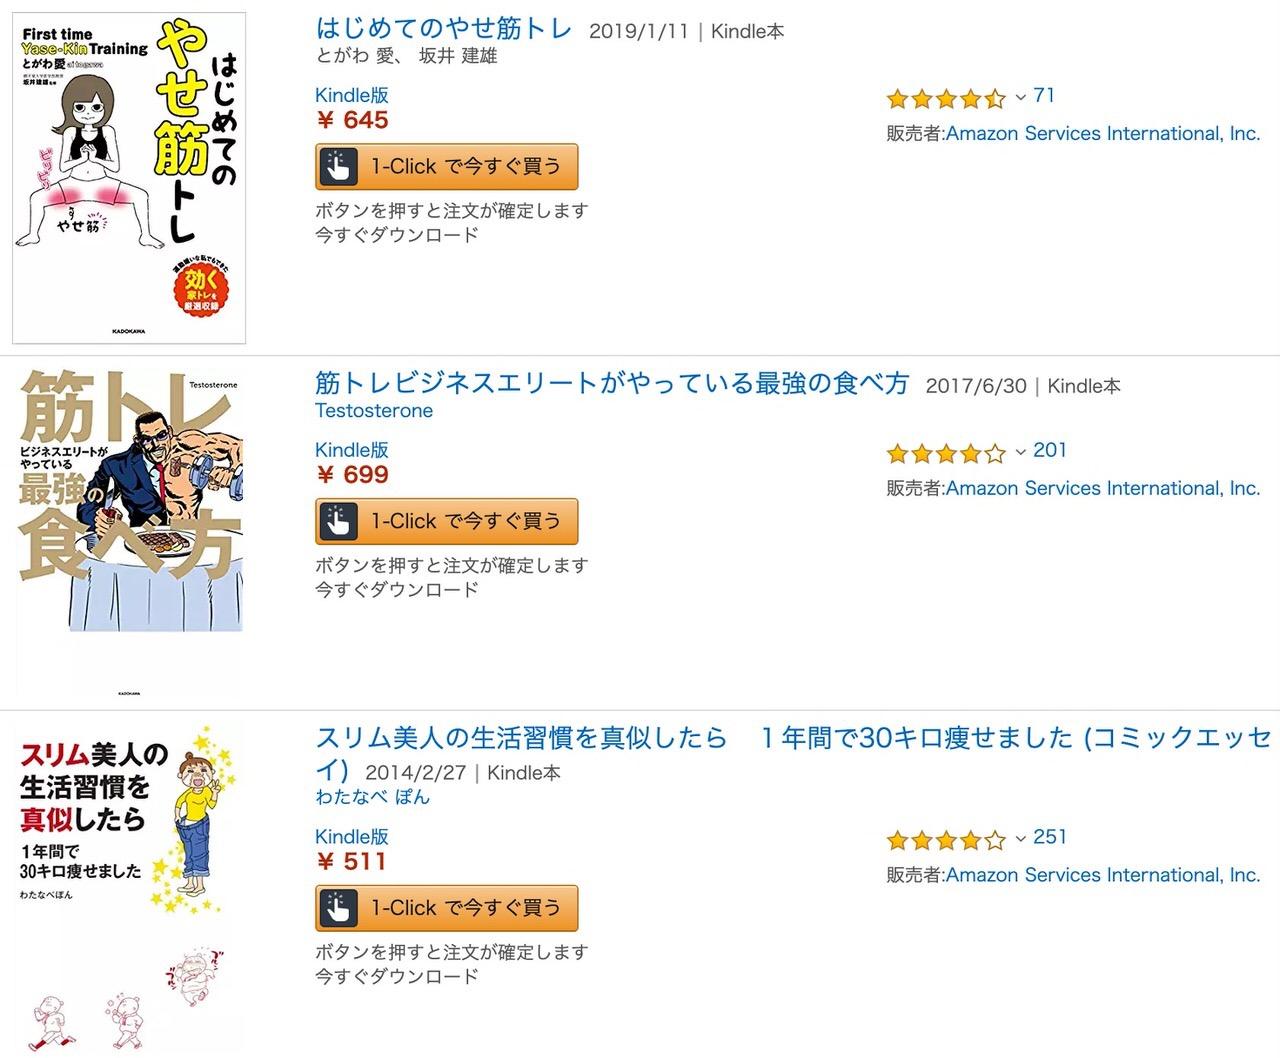 【Kindleセール】ダイエット本107冊が対象「夏!!!筋トレ!ごはん!やせ本フェア」(6/6まで)